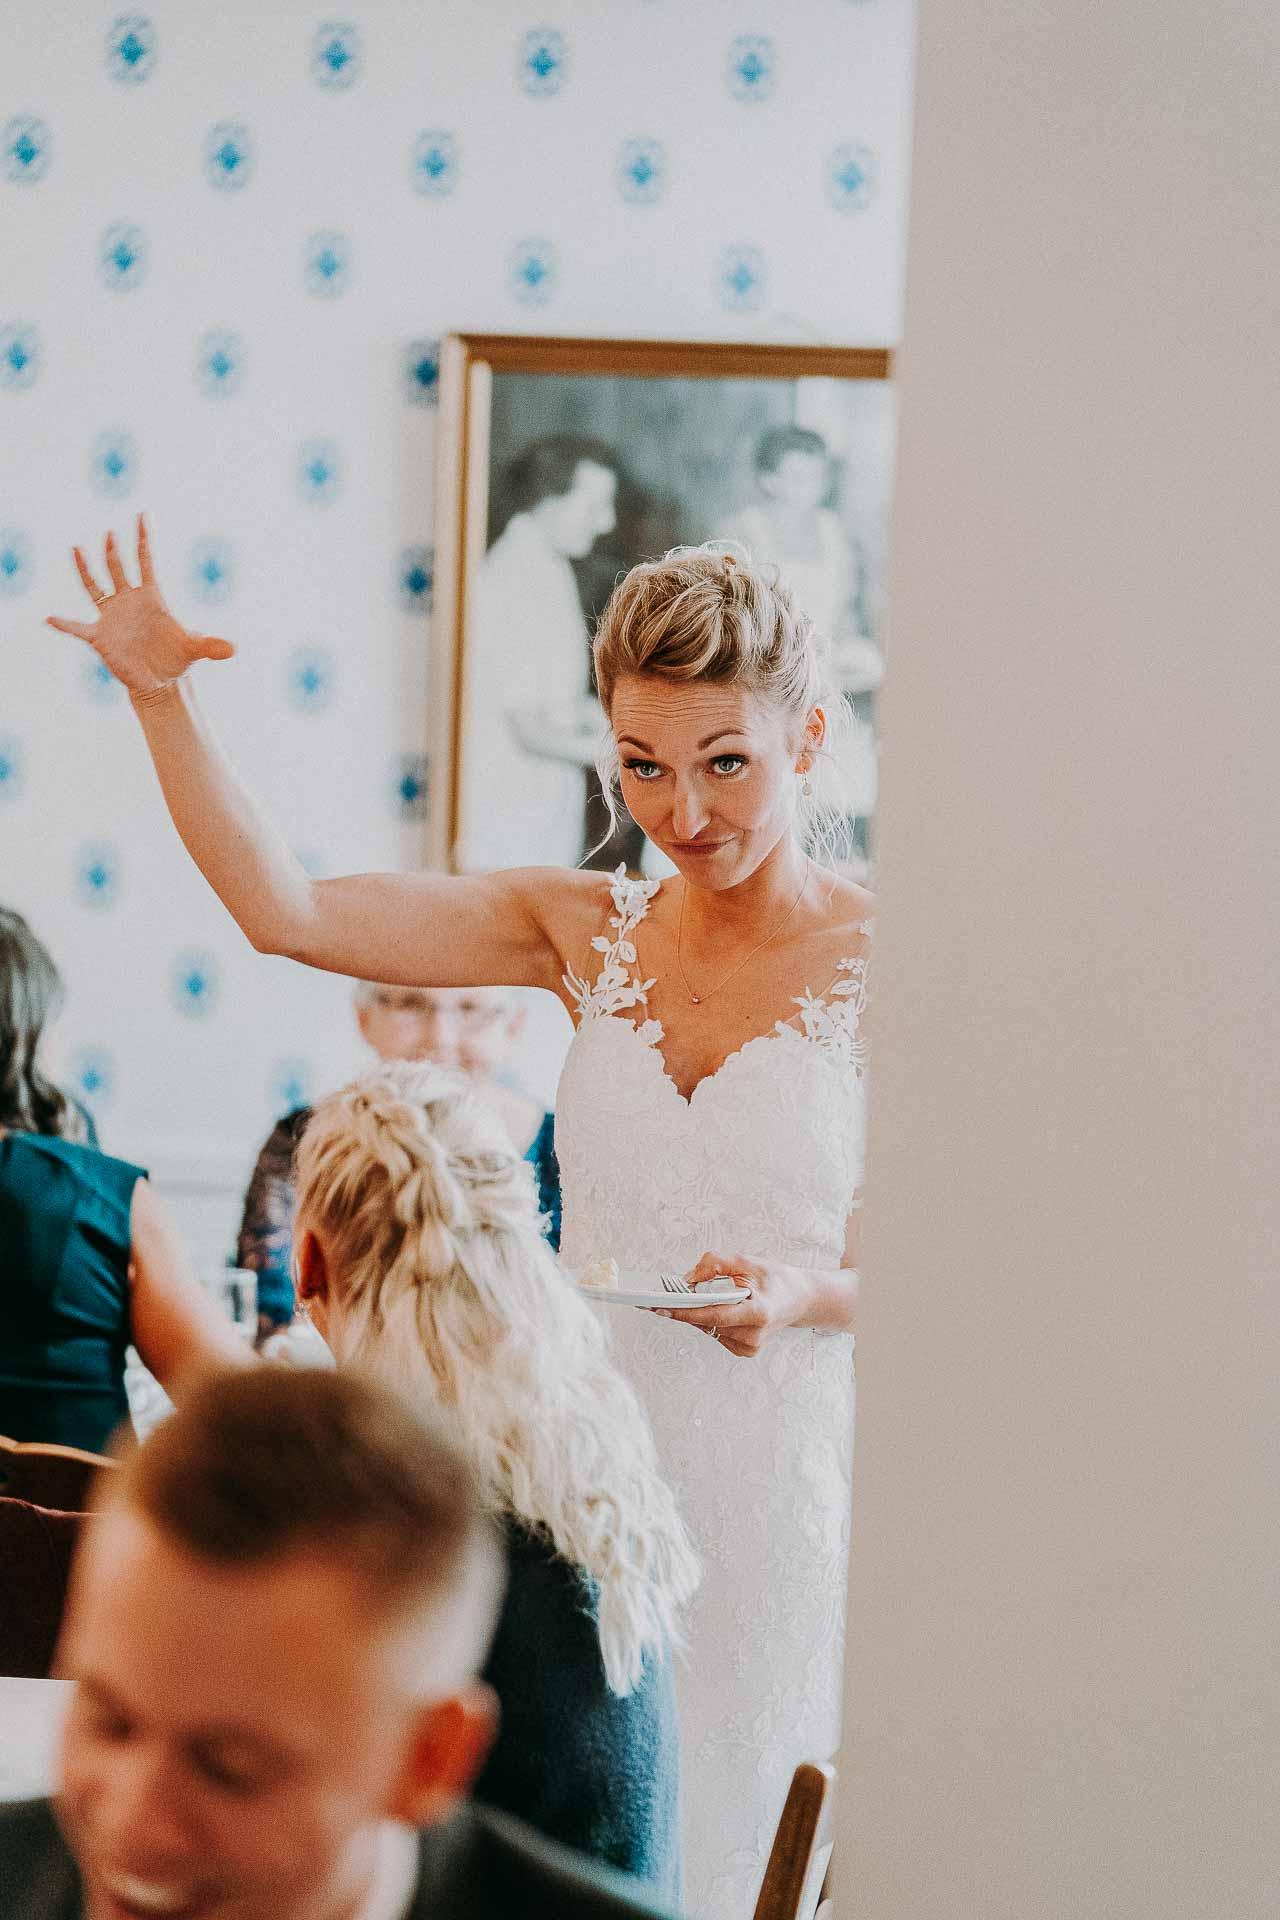 Hvordan kommer man i gang med at kunne leve af at fotografere bryllupper?